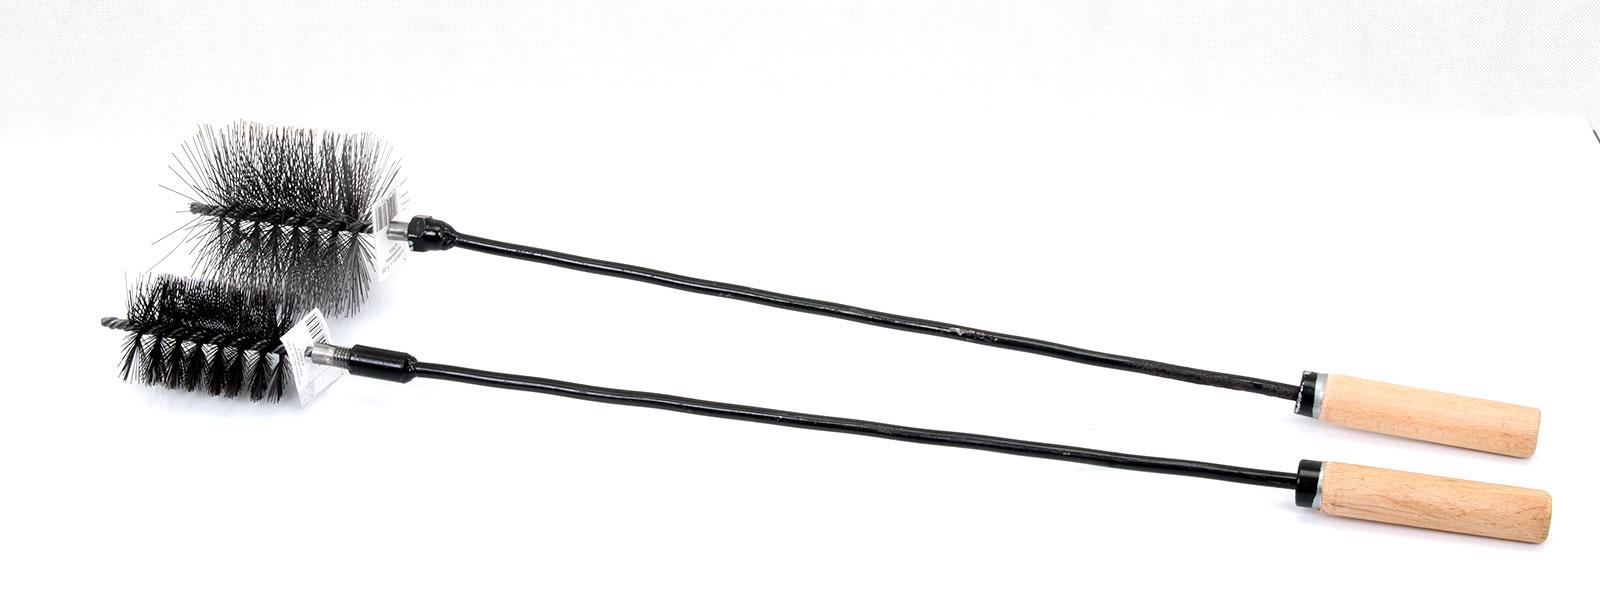 Kesselbürste Heizkesselbürste Ofenrohrbürste Putzstab 60cm-100cm Schubstangen